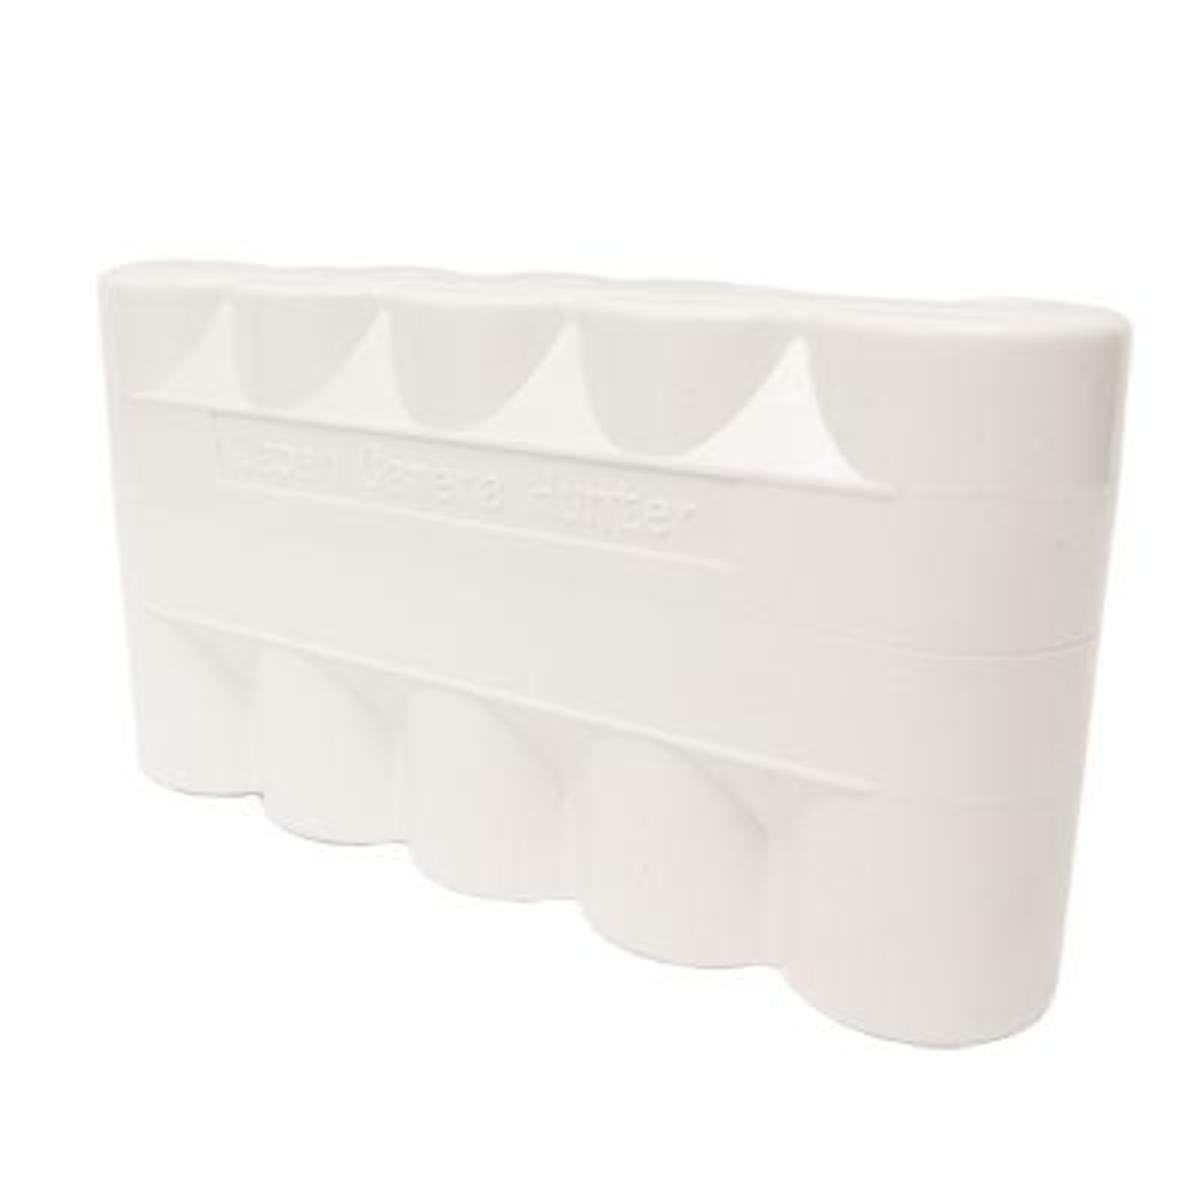 菲林盒 120 5筒裝 (白色)